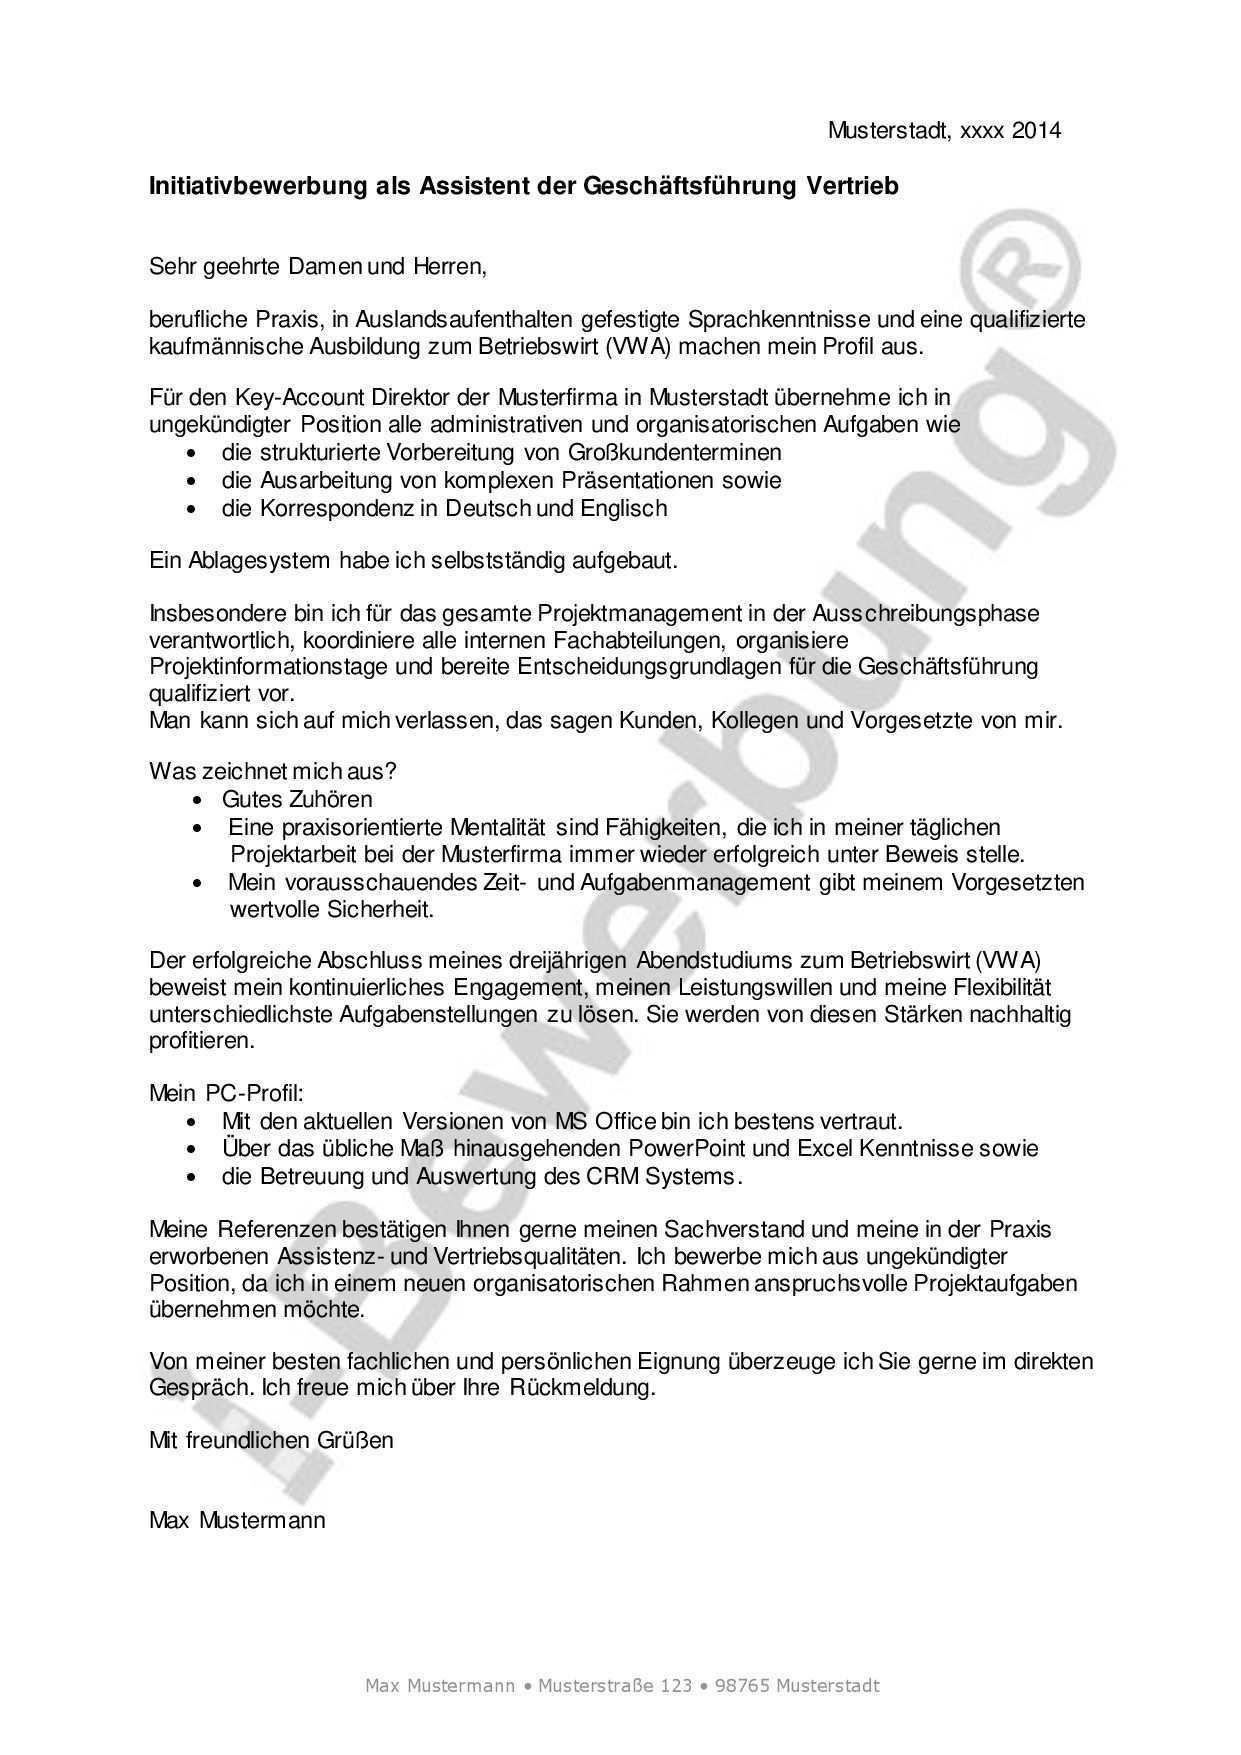 Initiativbewerbung Als Assistent Der Geschaftsfuhrung Vertrieb Beispiel Bewerbung Vorlagen Lebenslauf Bewerbung Schreiben